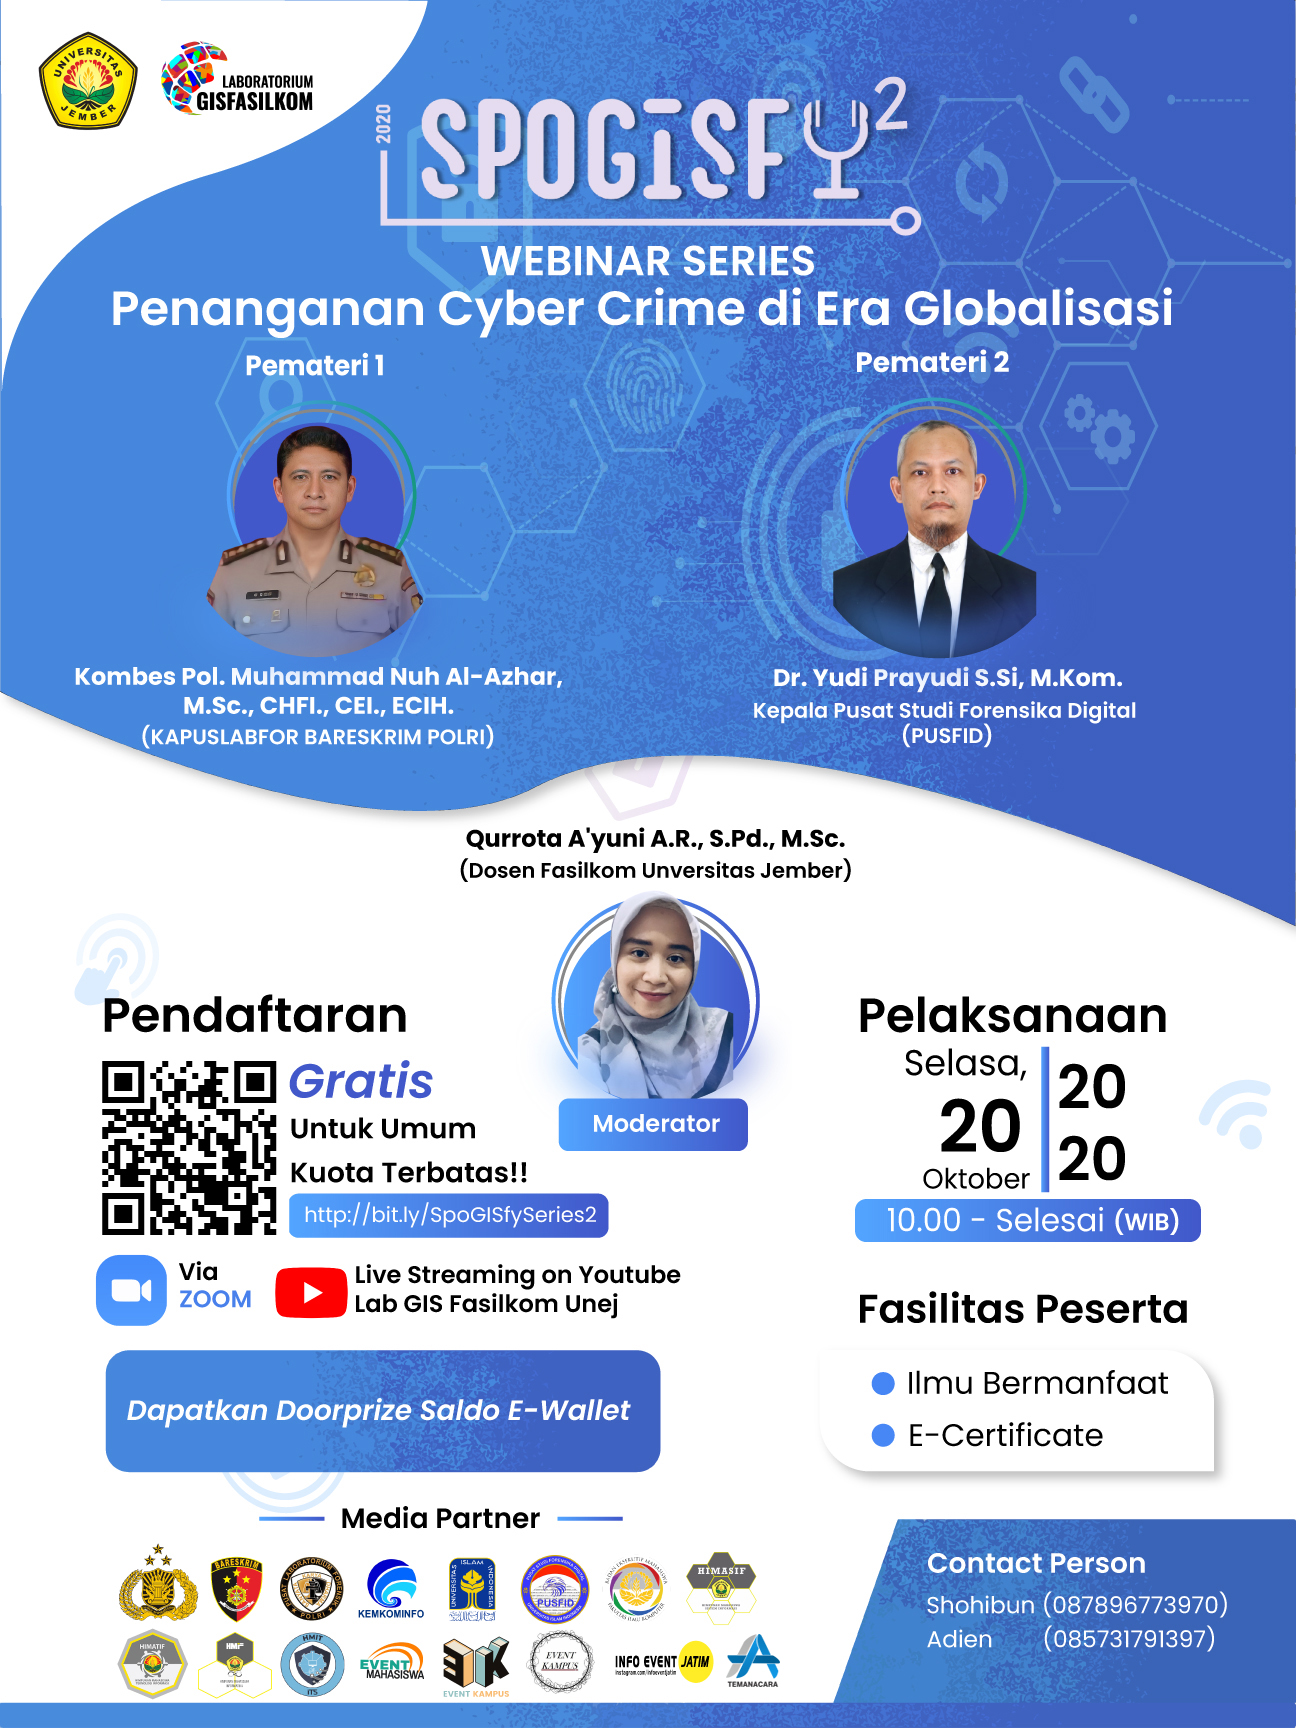 Penanganan Cyber Crime di Era Globalisasi